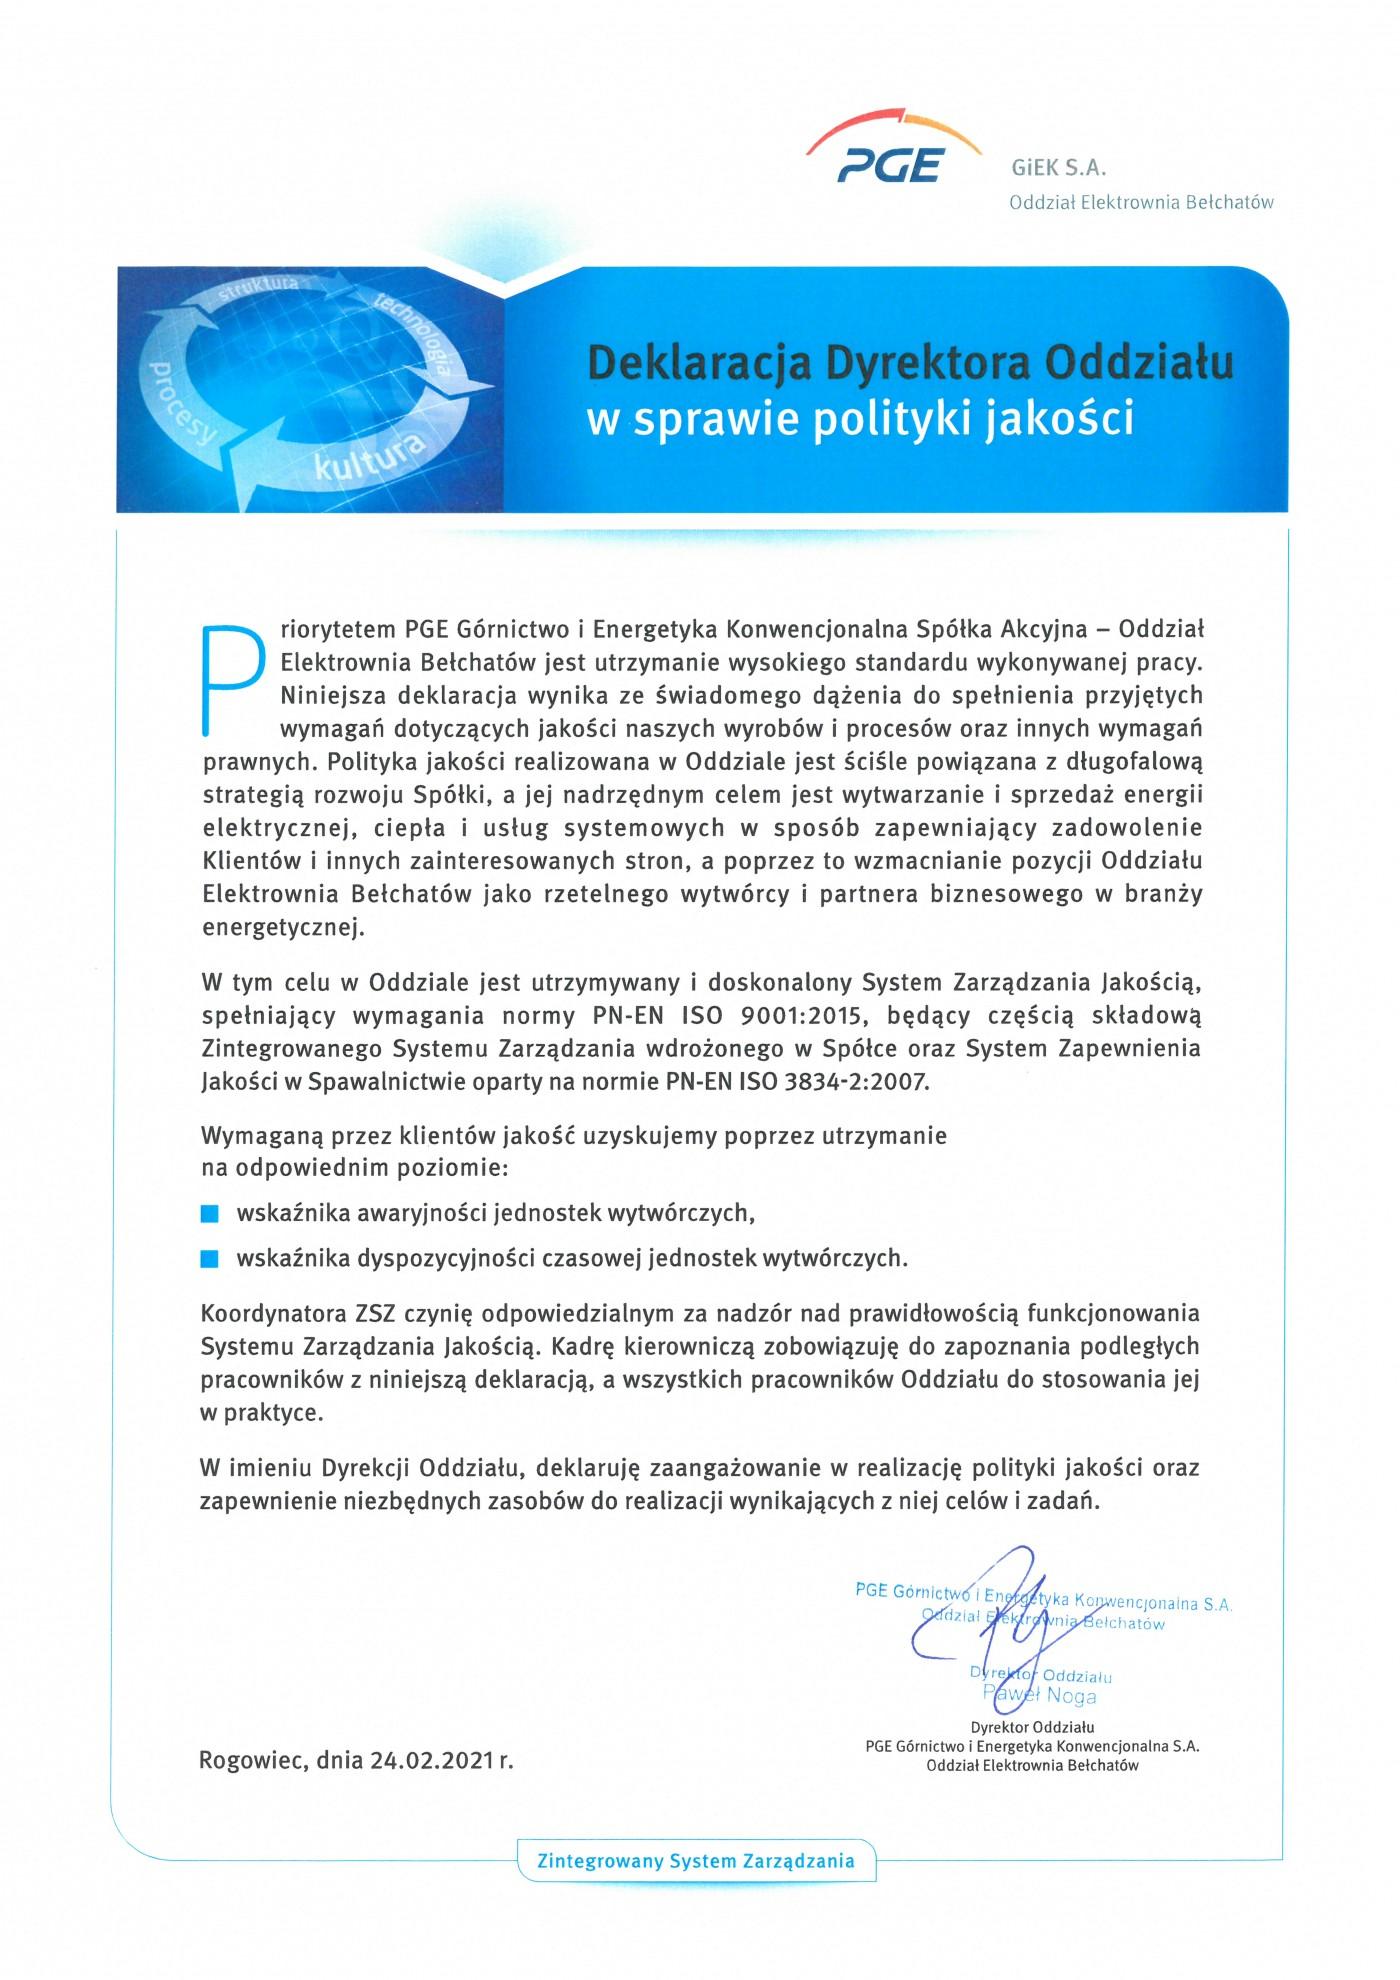 deklaracja-polityki-jakosci-2021.jpg